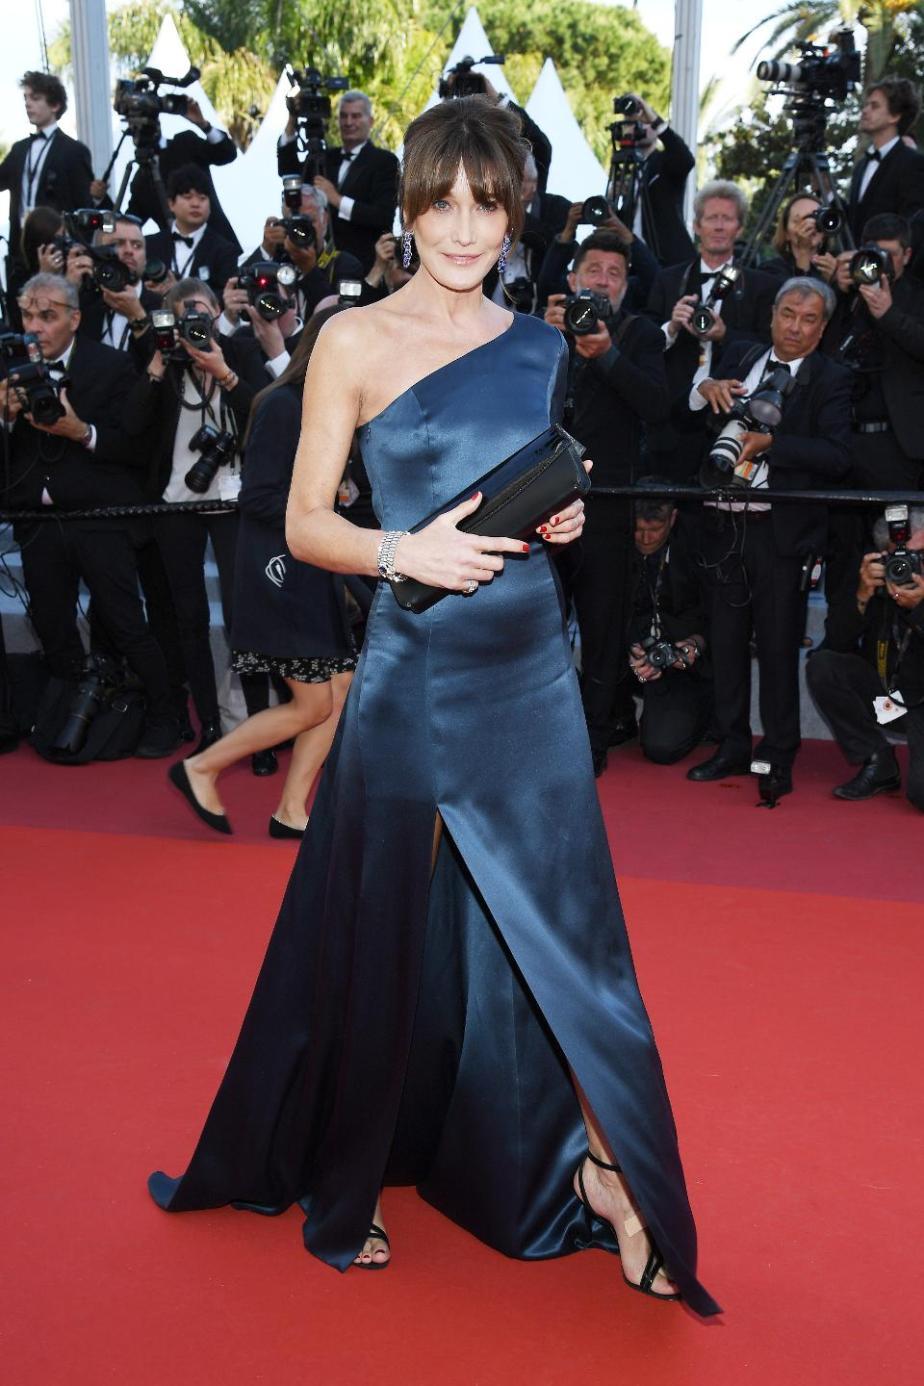 Cannes Fi;m Festival Carla Bruni